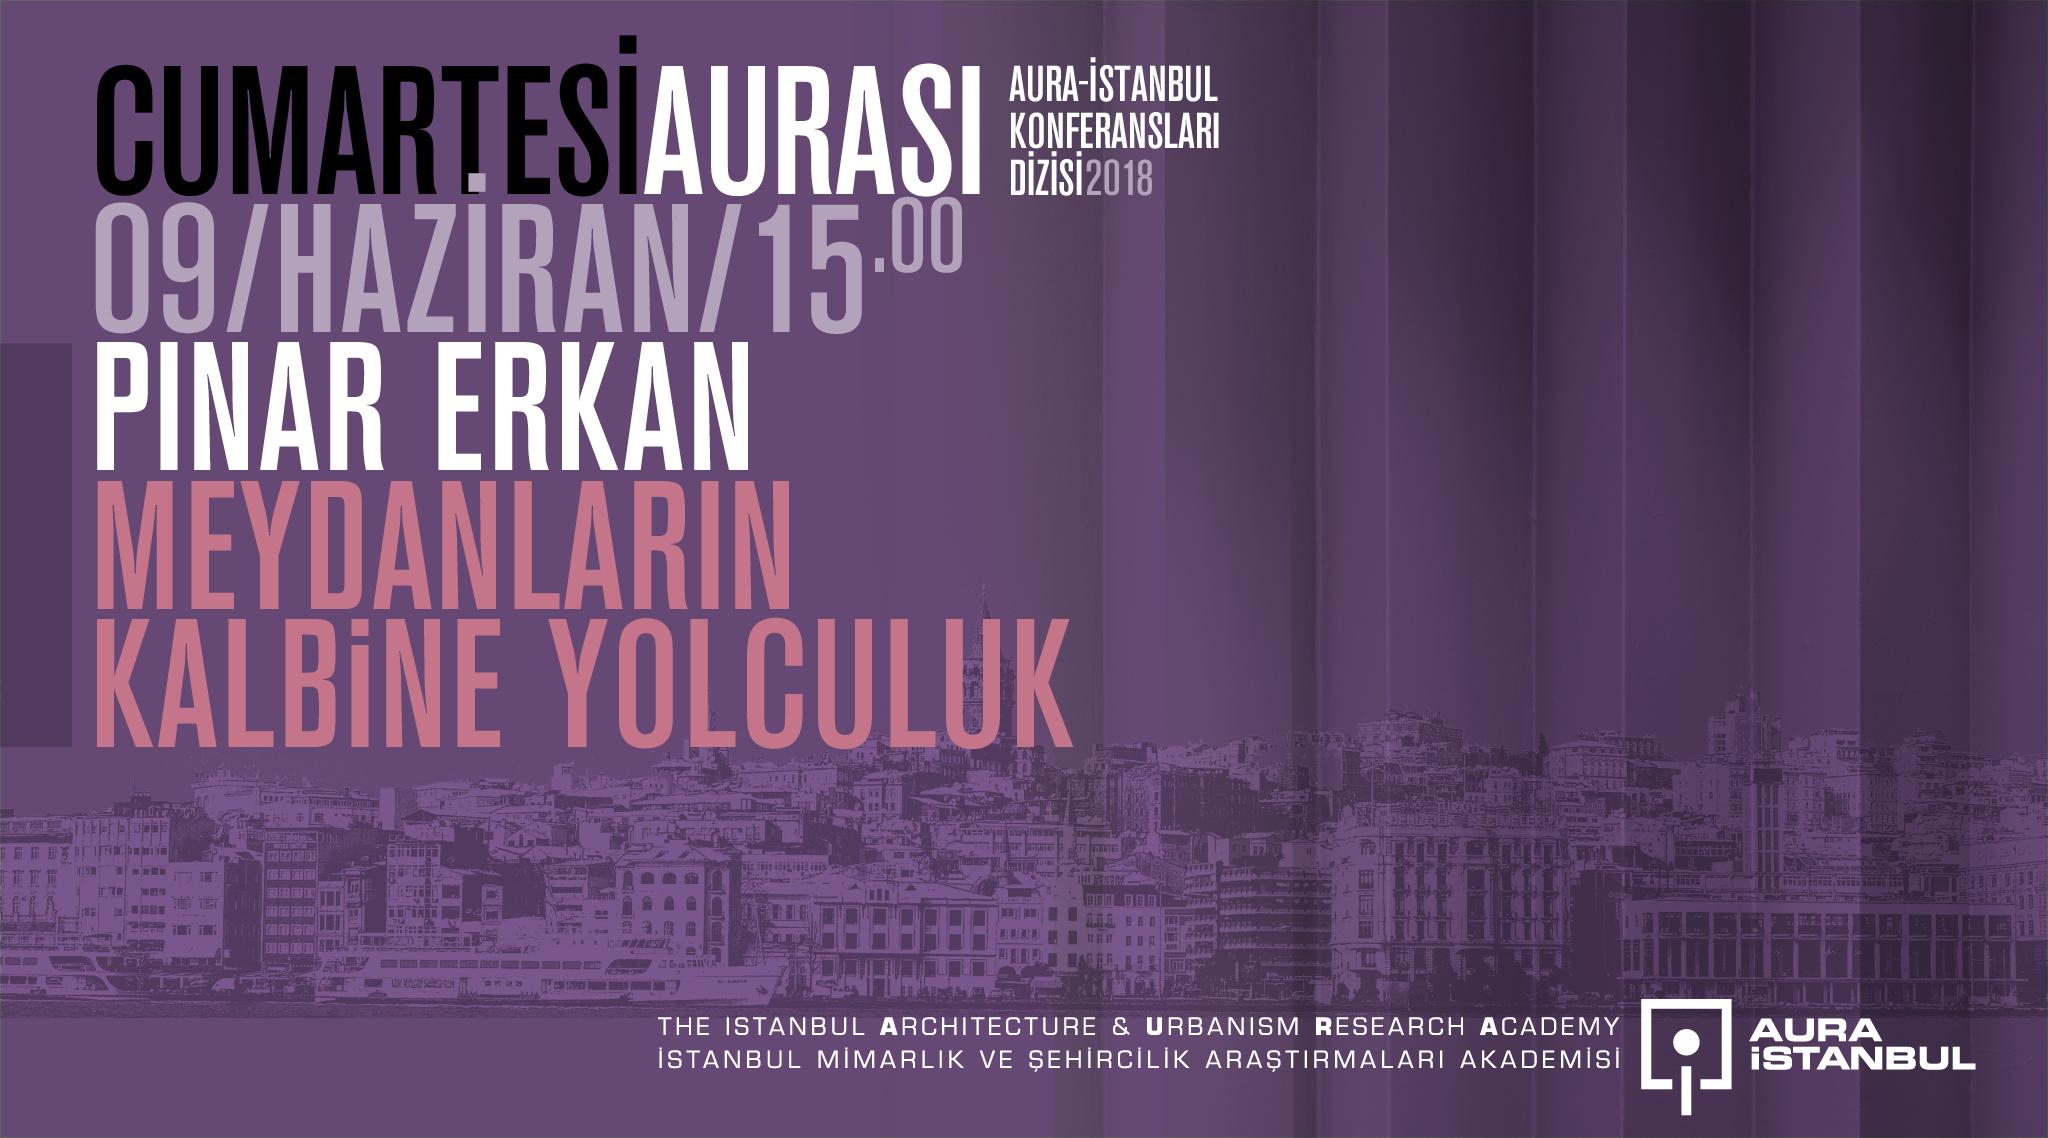 """Cumartesi Aurası: Pınar Erkan """"Meydanların Kalbine Yolculuk"""""""